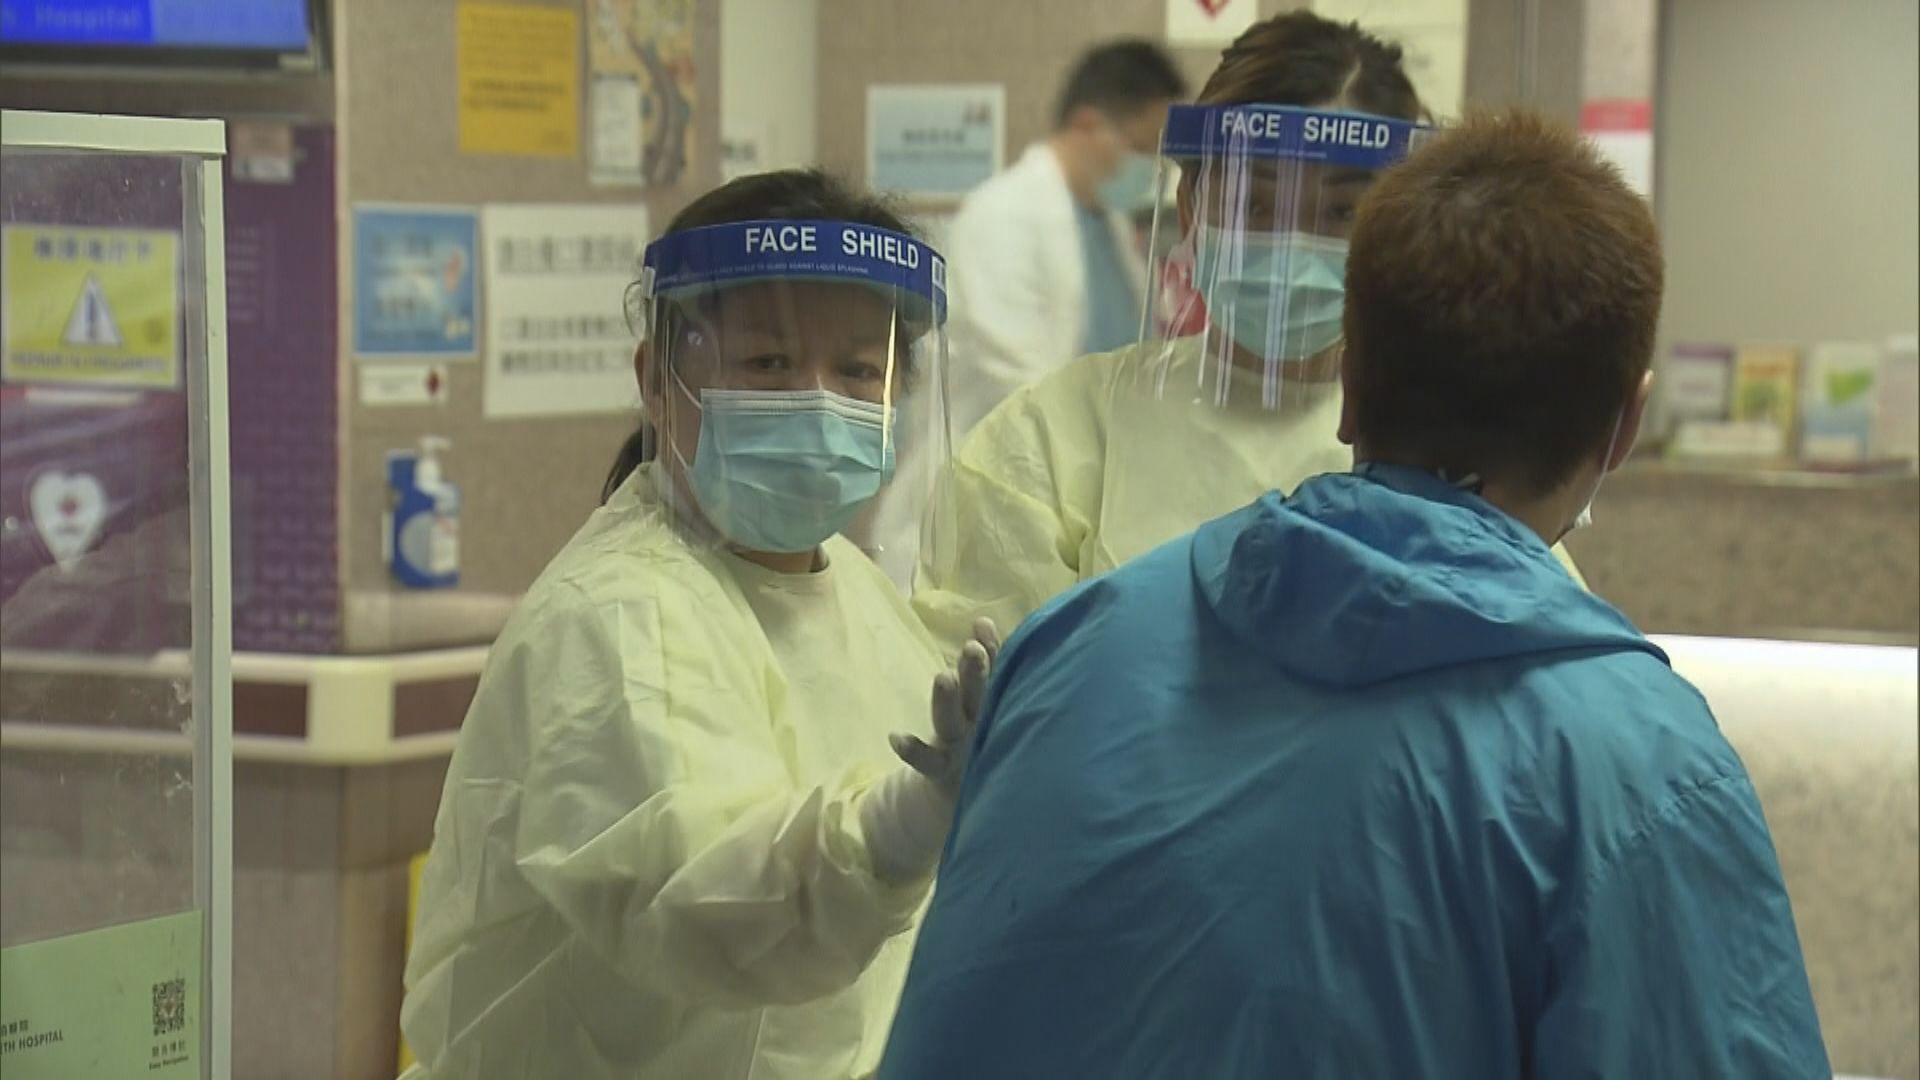 醫管局:外科口罩存倉量約1600萬個 僅夠使用一個月